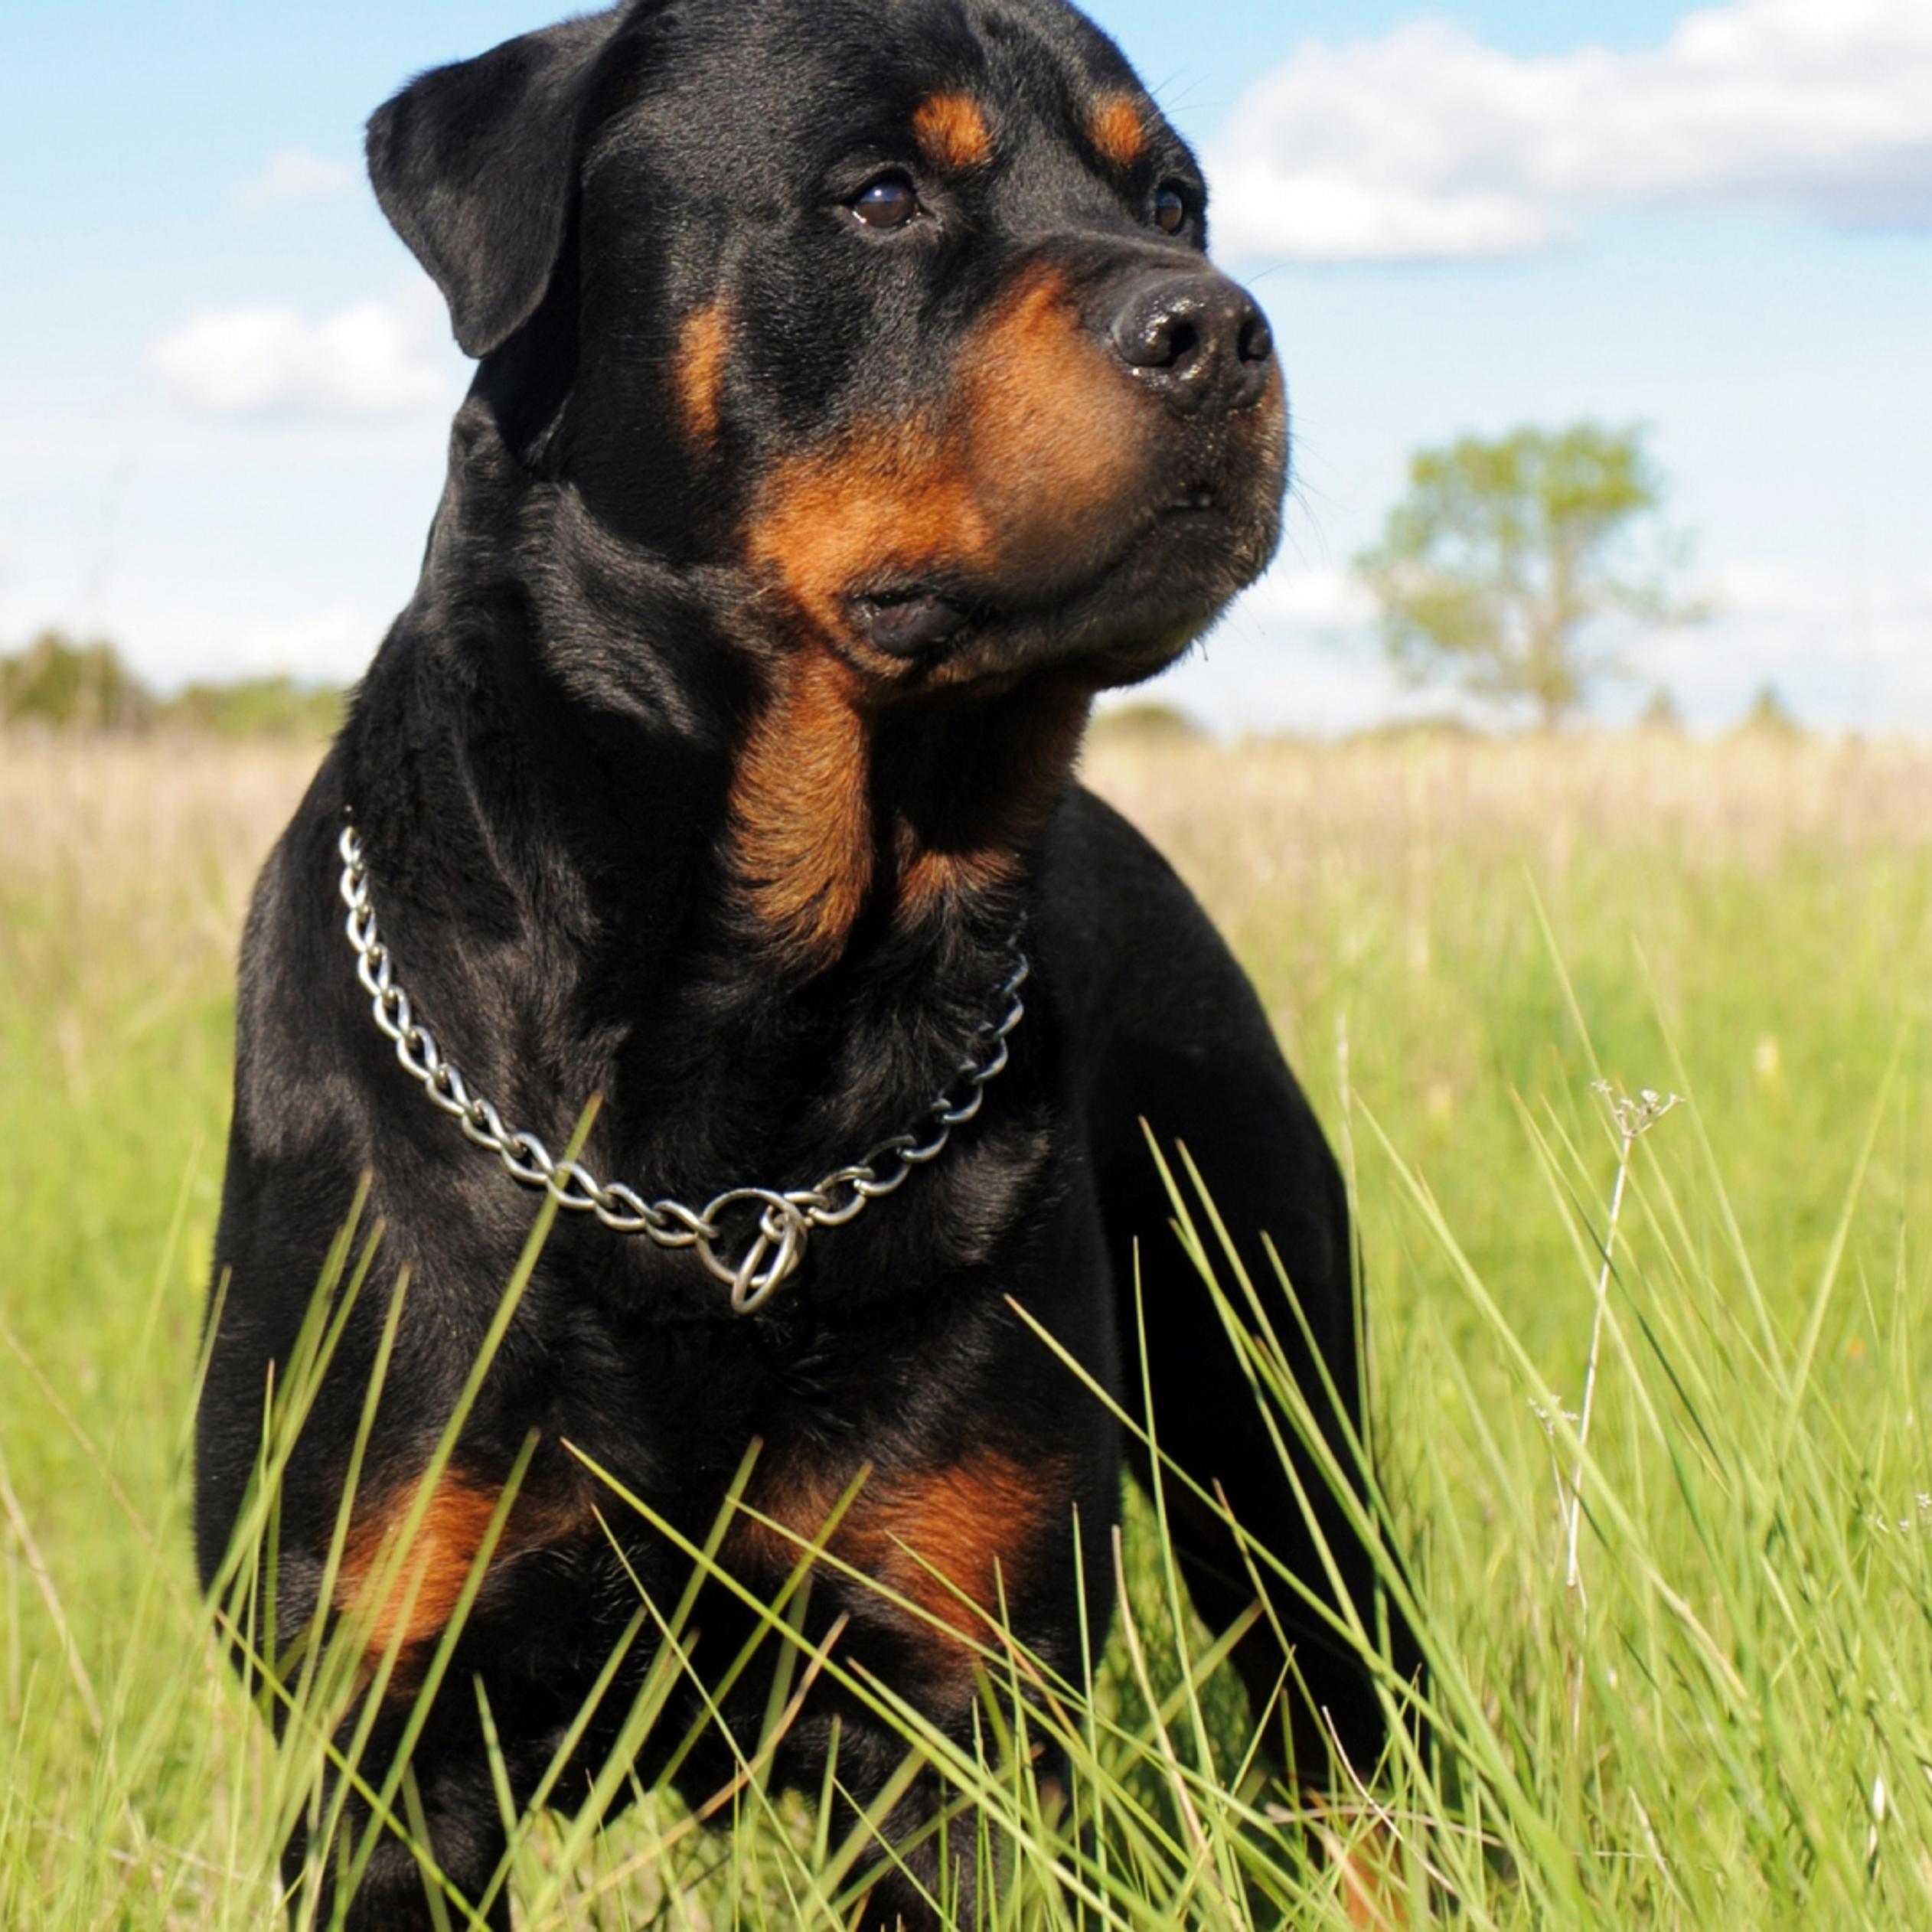 Rottweiler Wallpaper: A Black Rottweiler Dog In The Grass Field Wallpaper